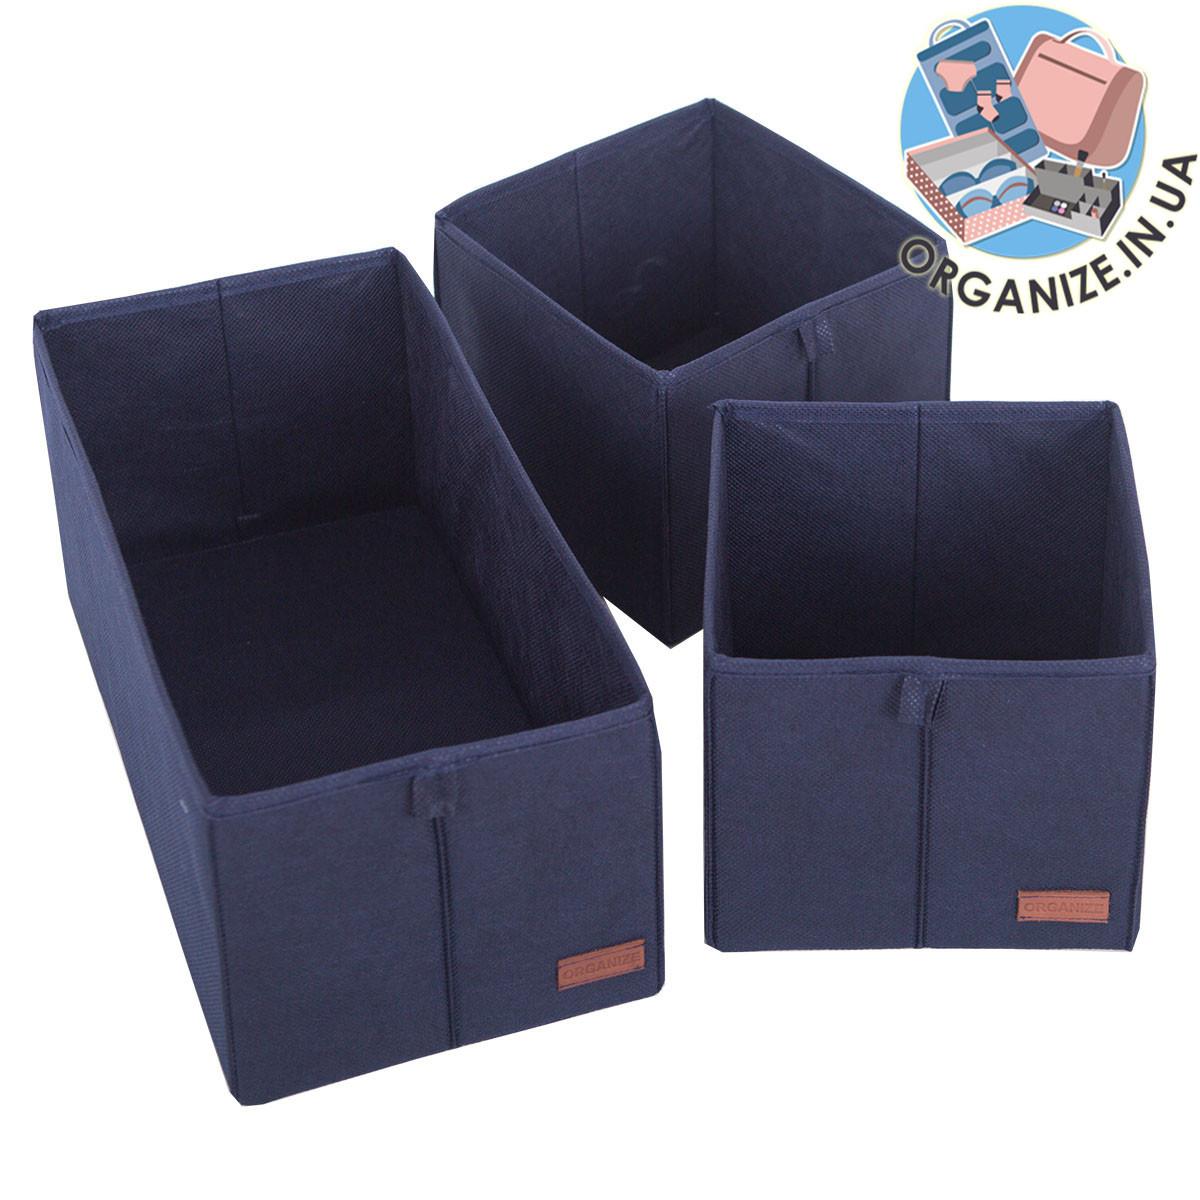 Комплект коробка для зберігання речей в шафі ORGANIZE (синій)